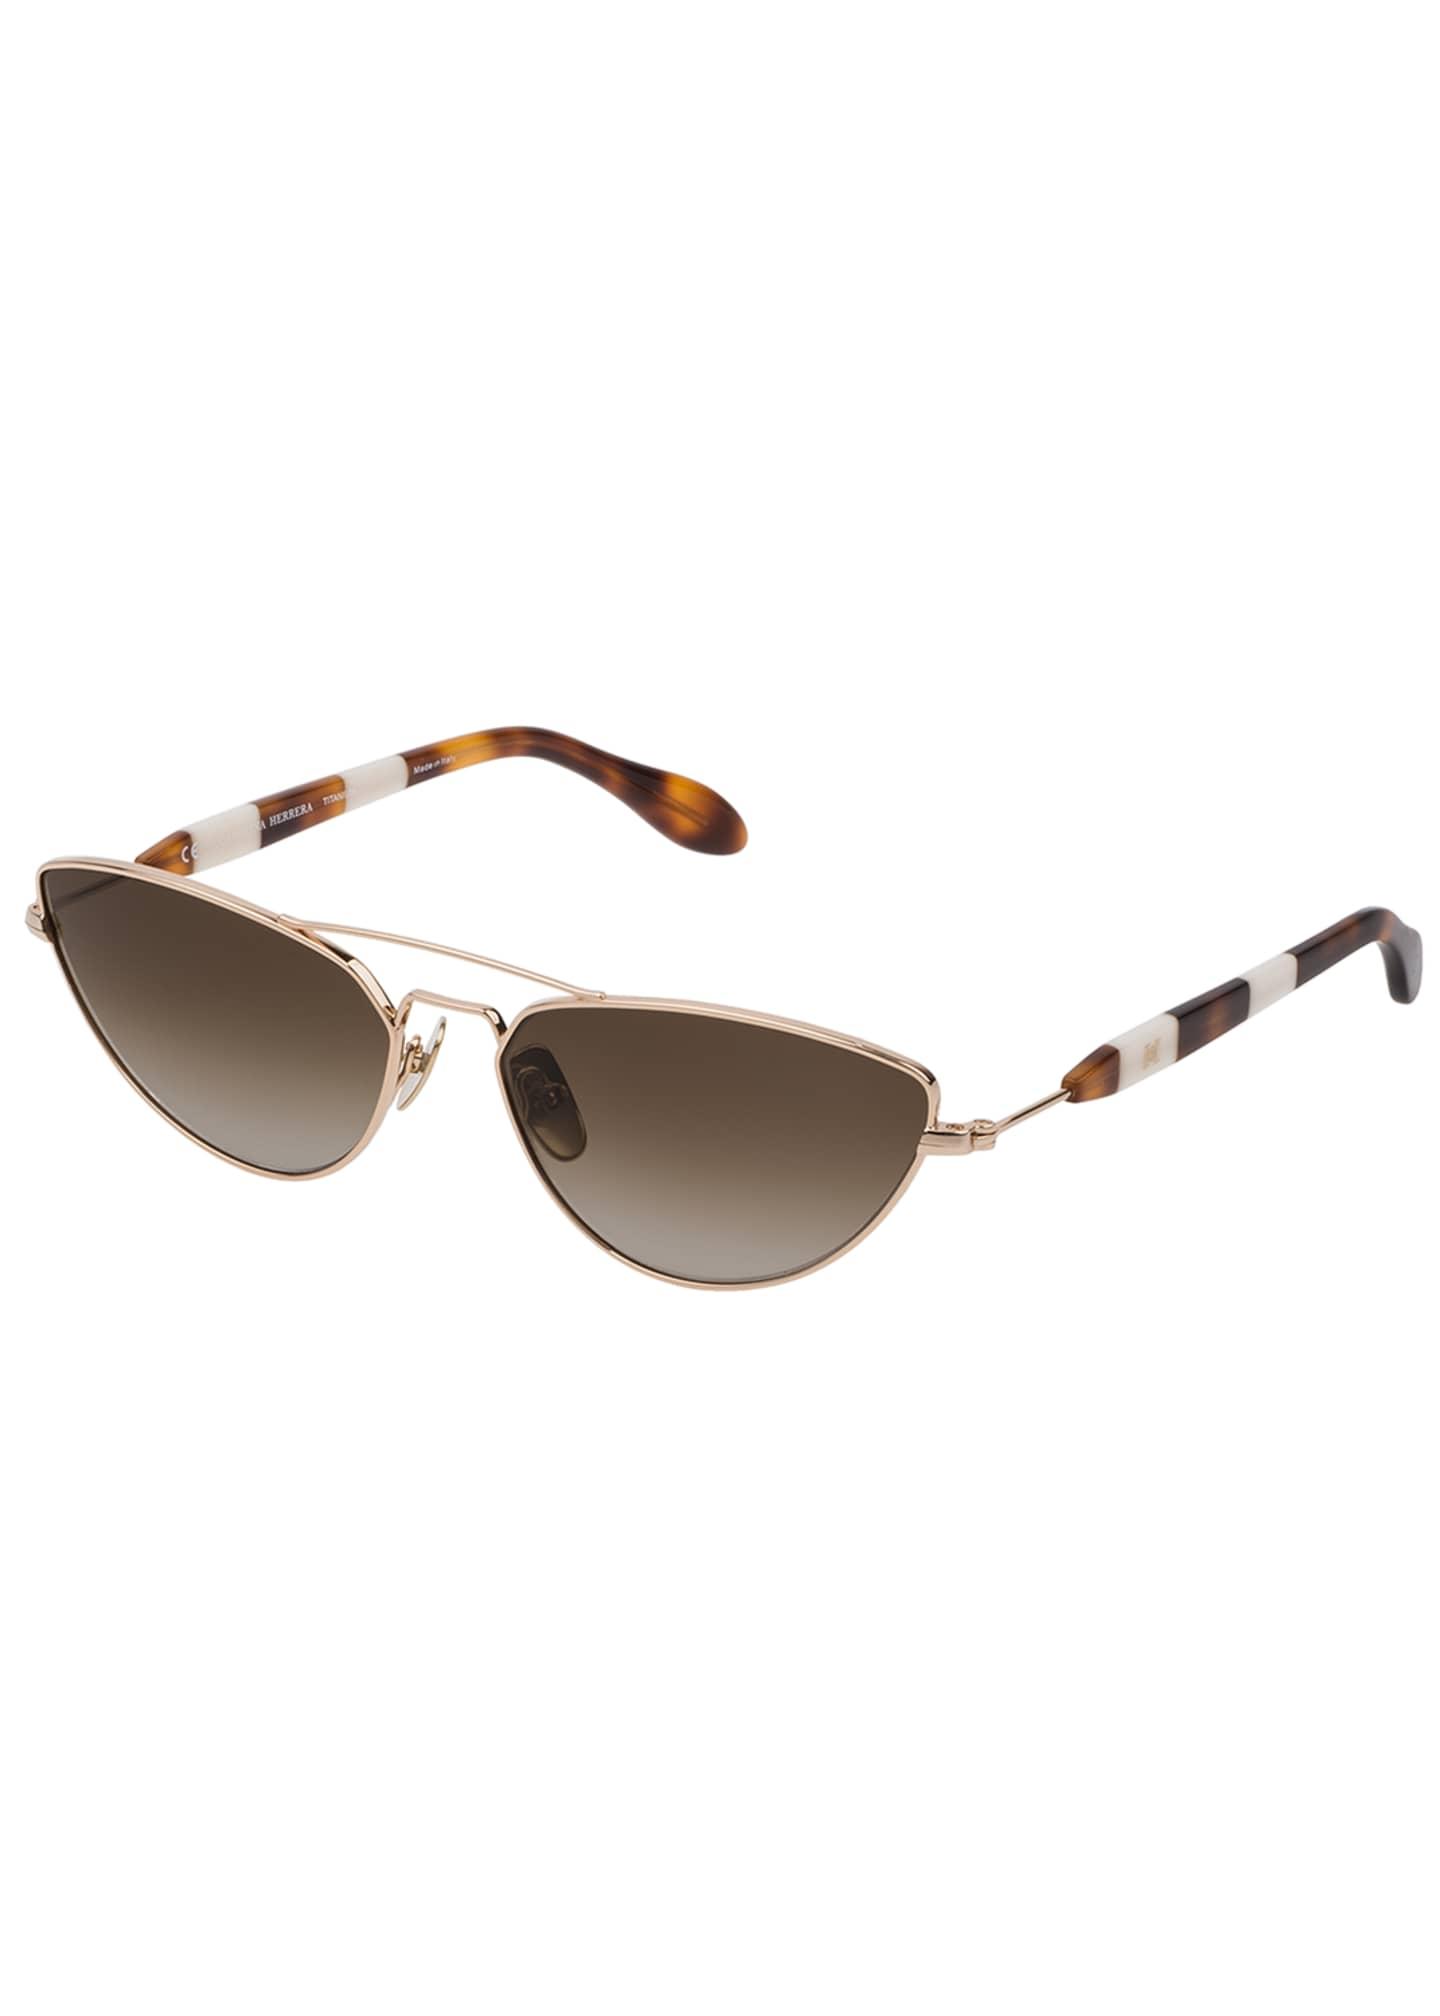 Carolina Herrera Colorblock Cat-Eye Sunglasses